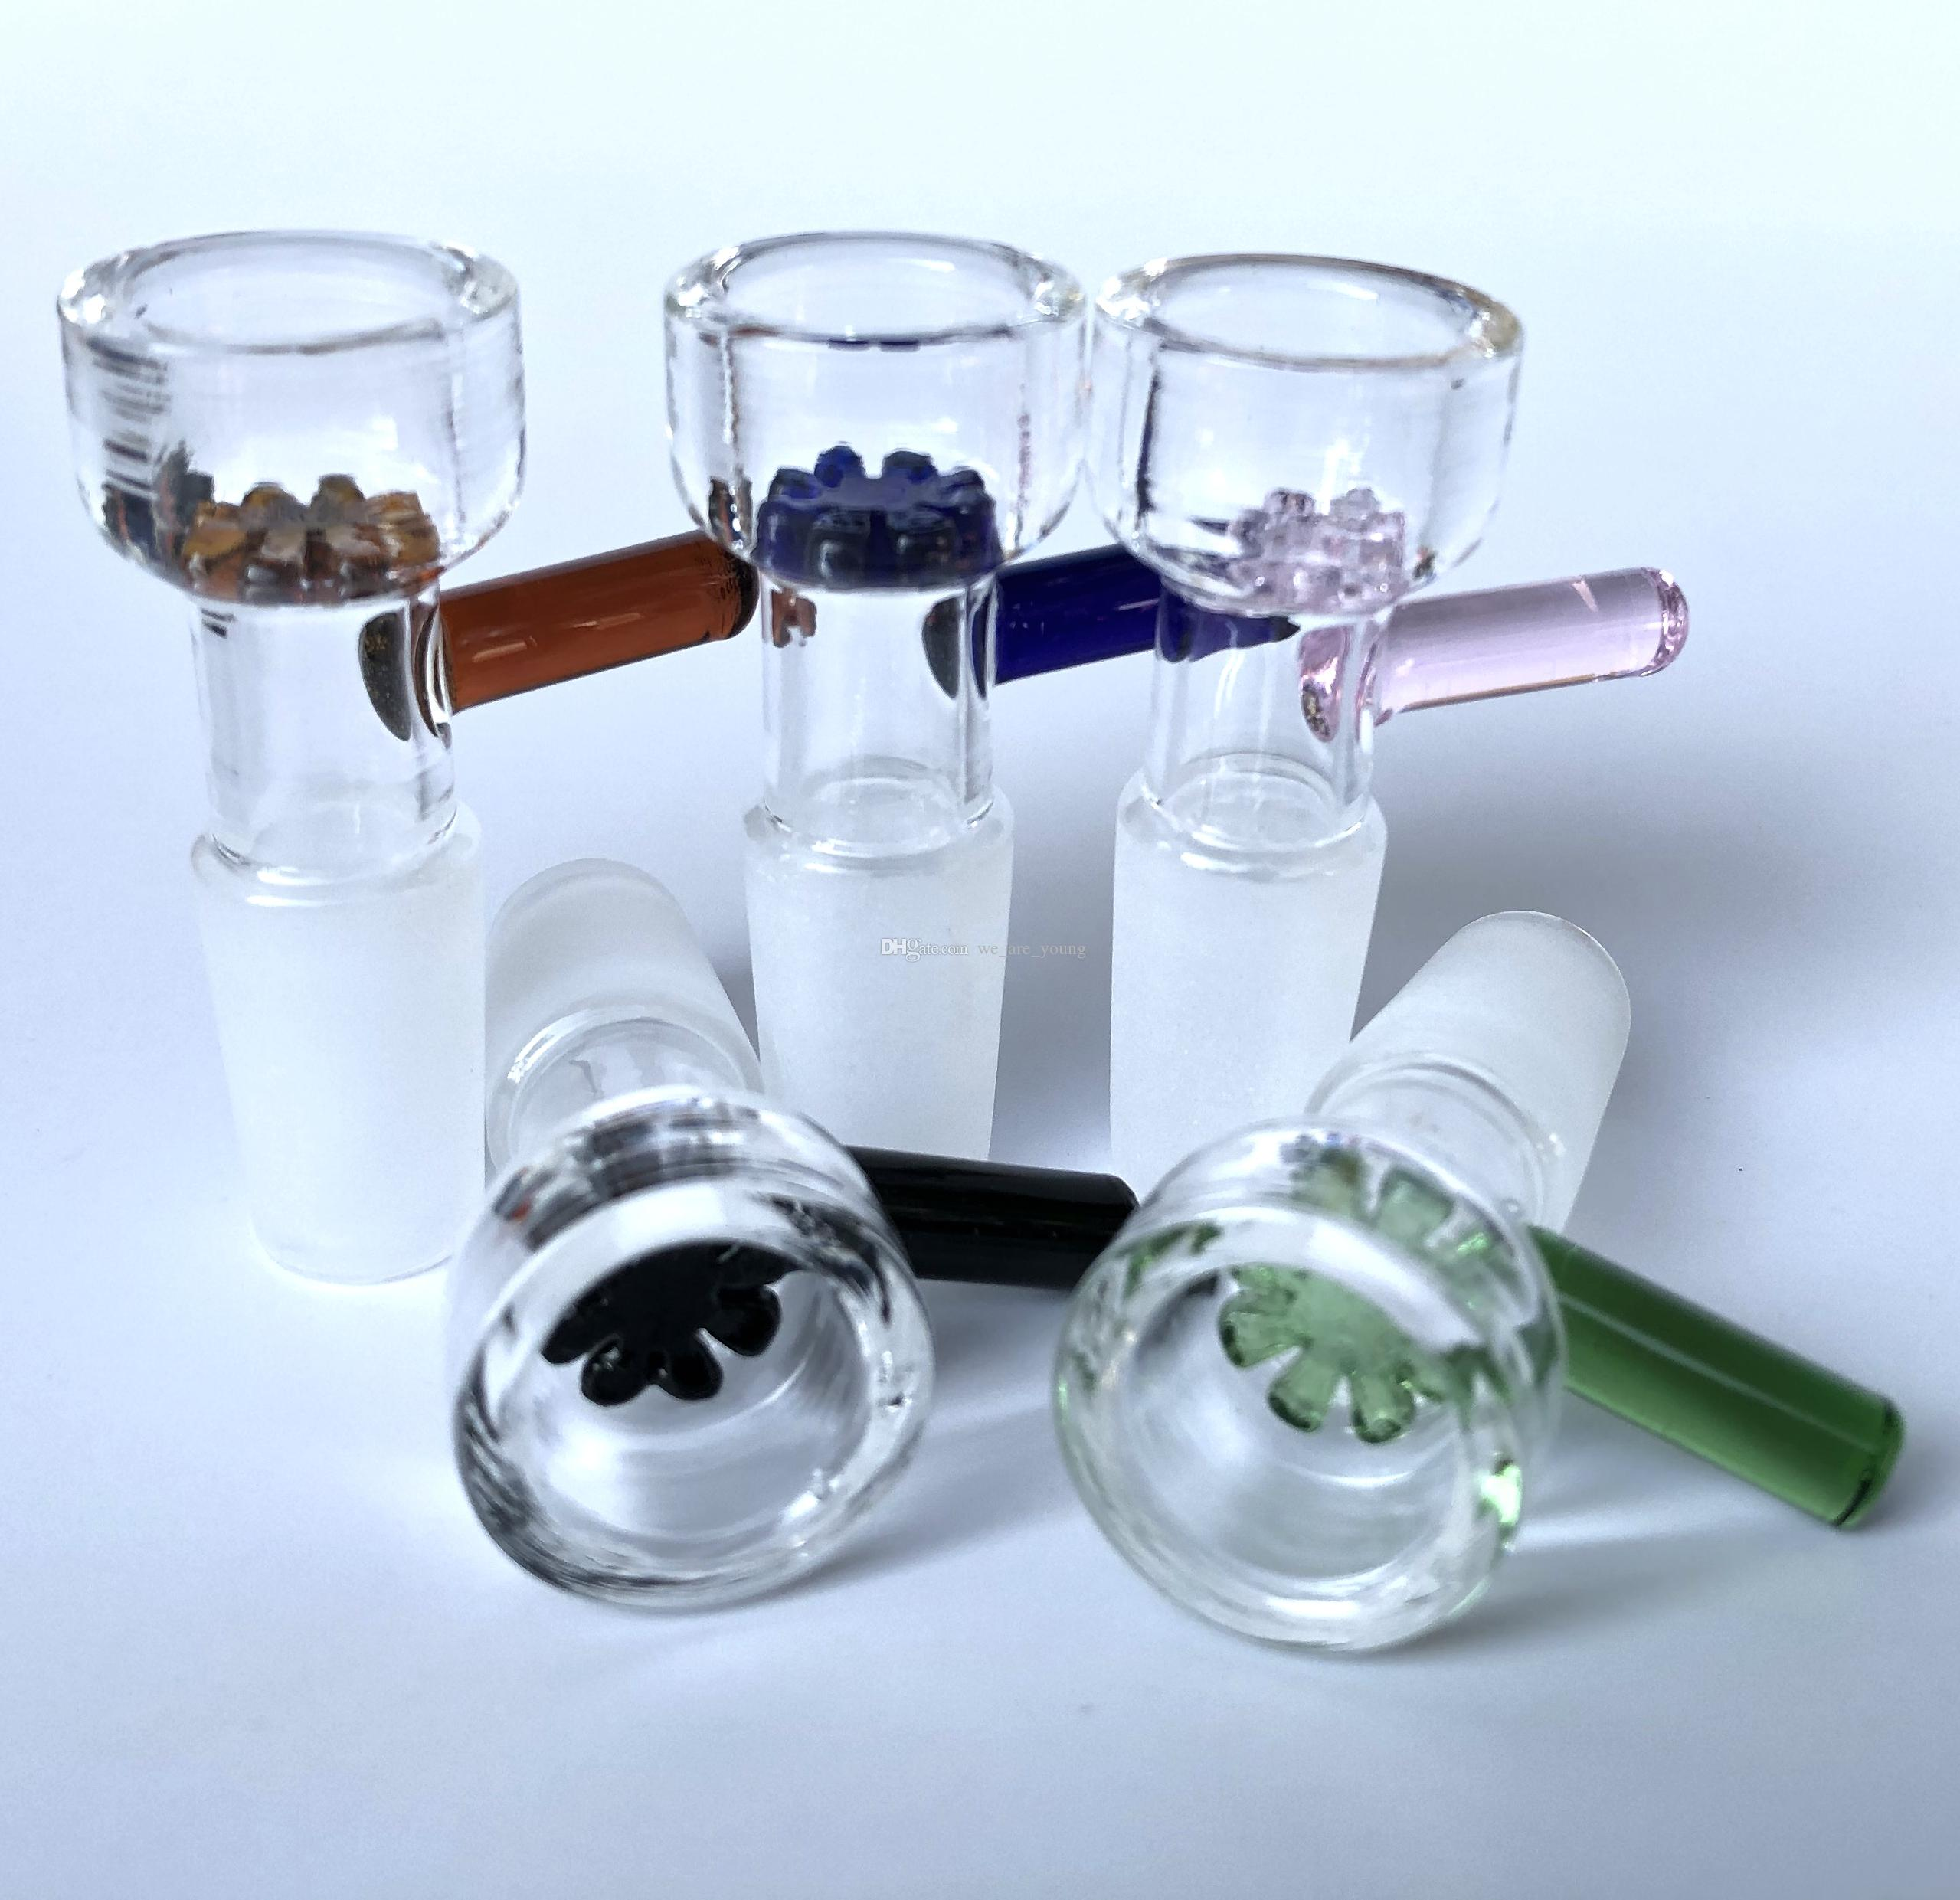 Cuencos de cristal de la diapositiva de hierbas 10 mm 14 mm 18 mm con el tazón de filtro de copo de nieve de la flor para los bongs de vidrio y el cuenco del vidrio del receptor de la ceniza